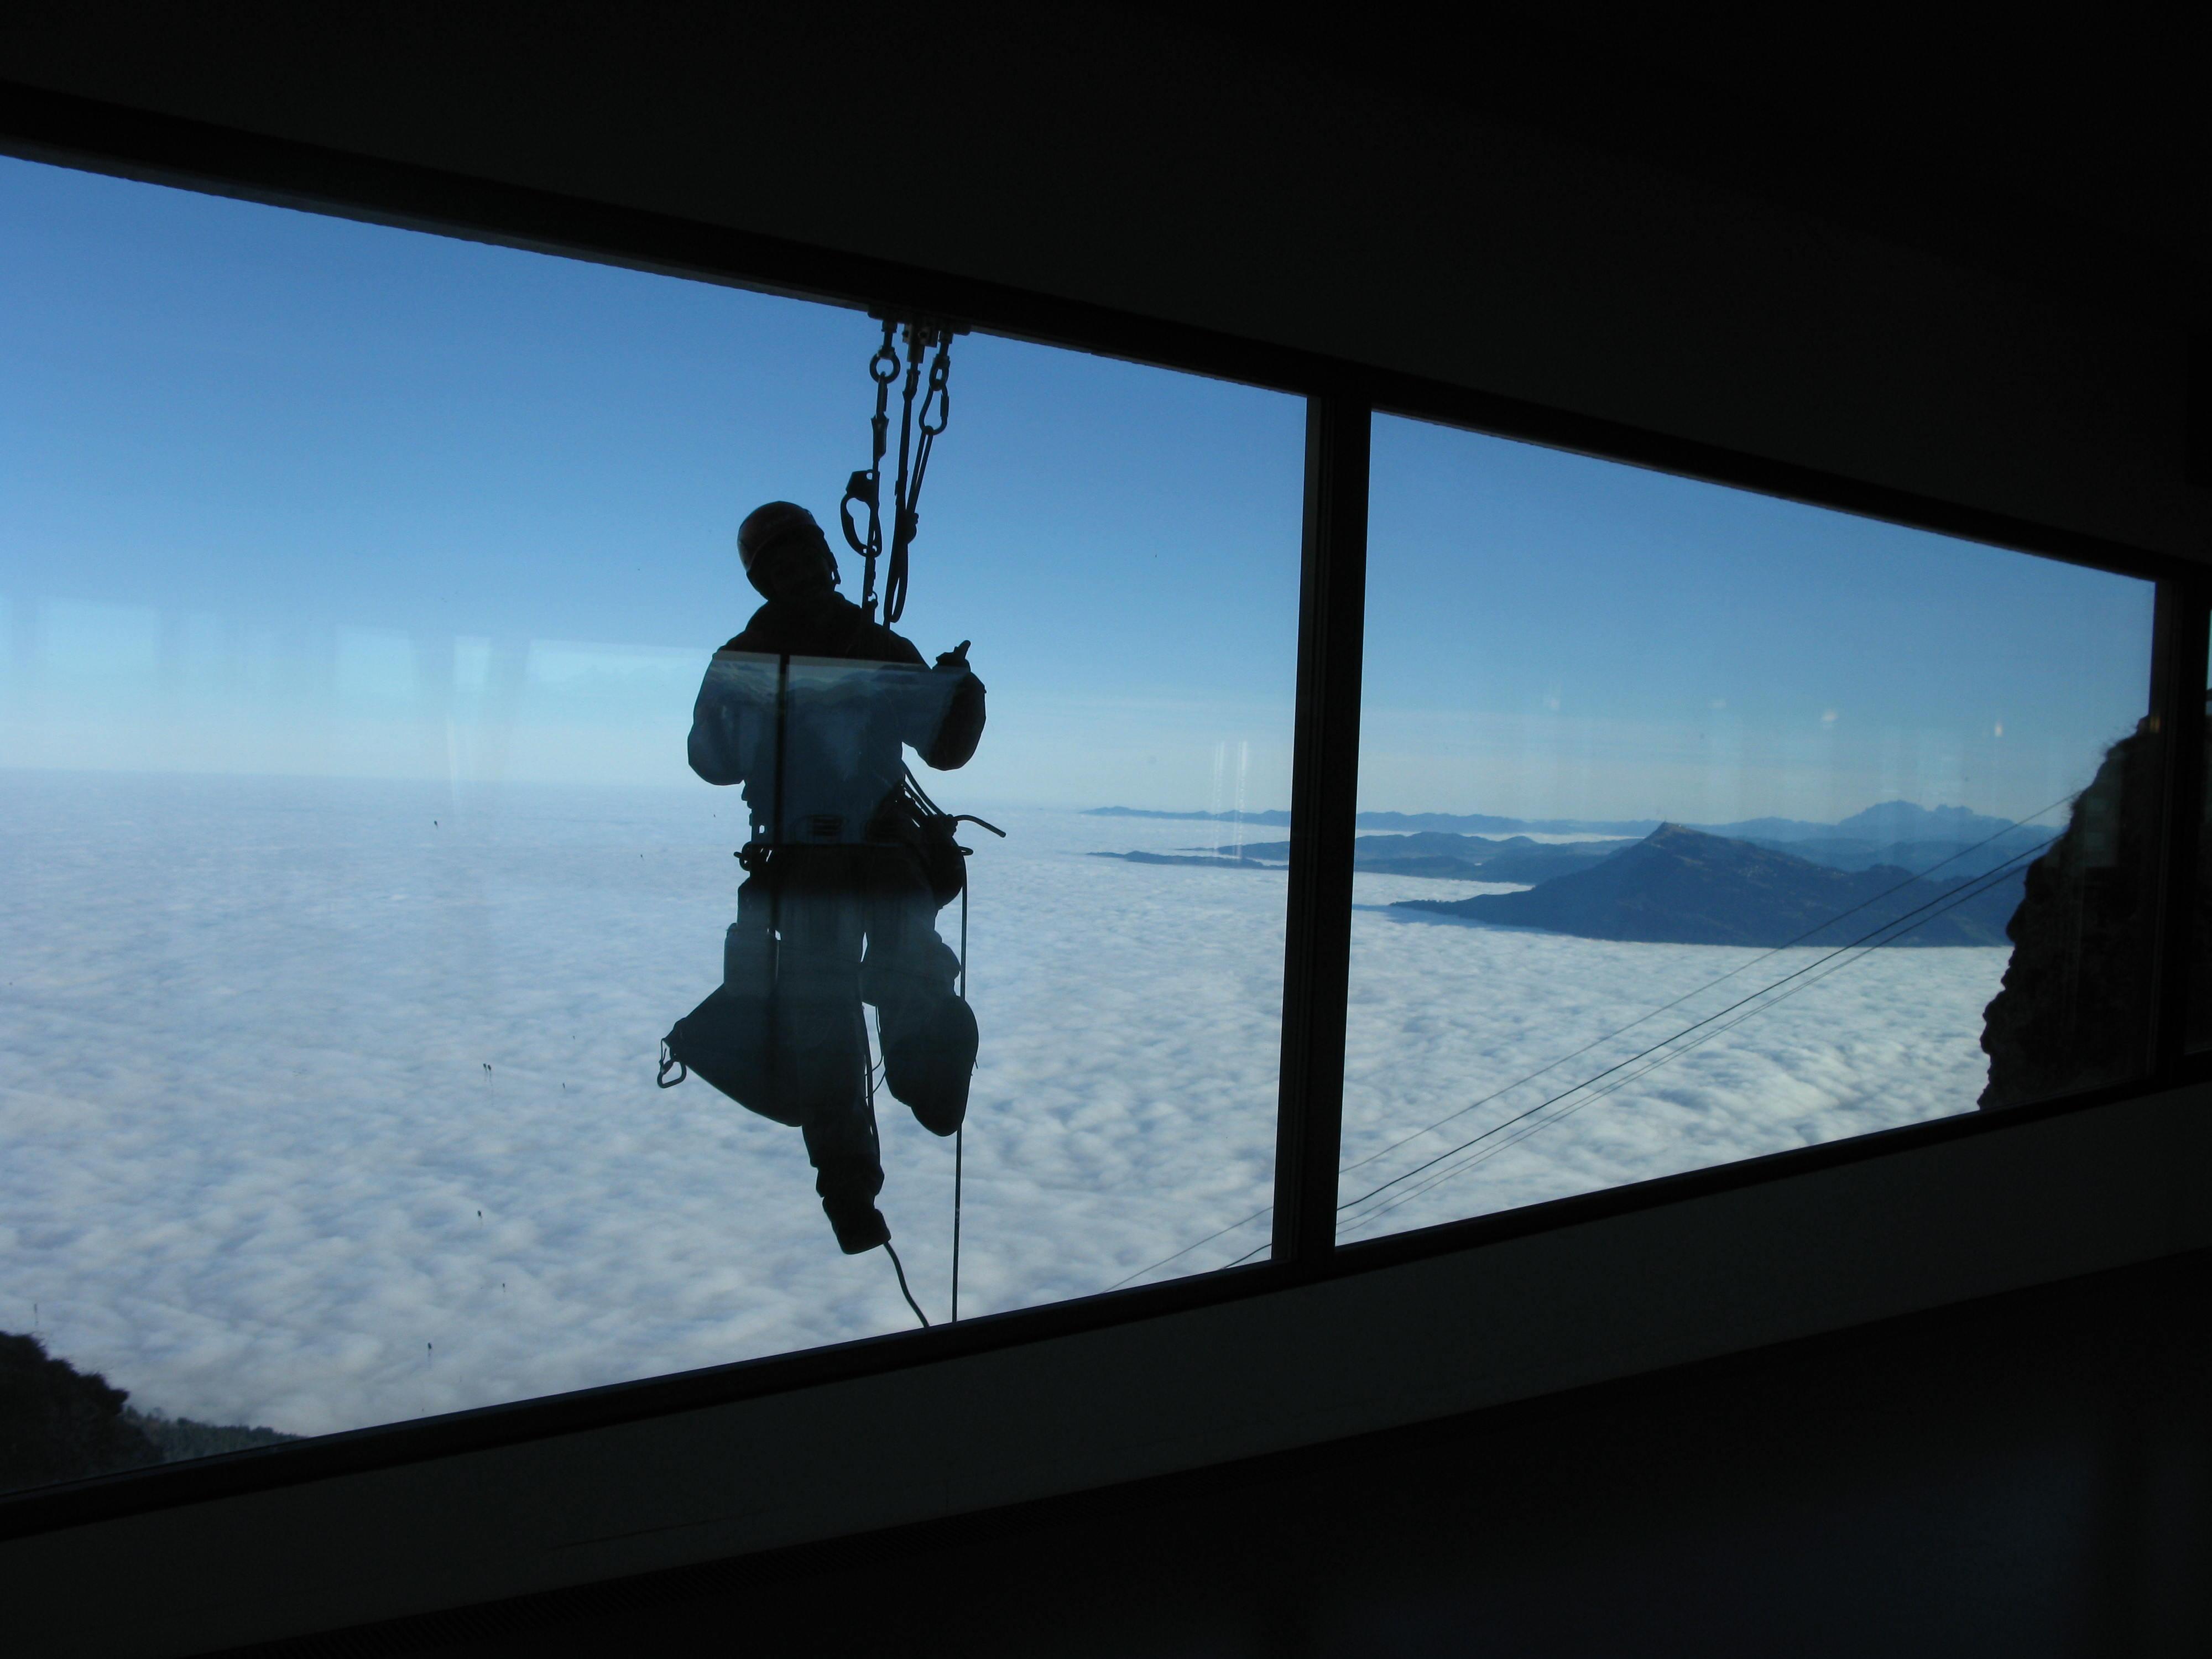 Höhenarbeit Seilarbeit Industriekletterer Abseiltechnik Seiltechnik